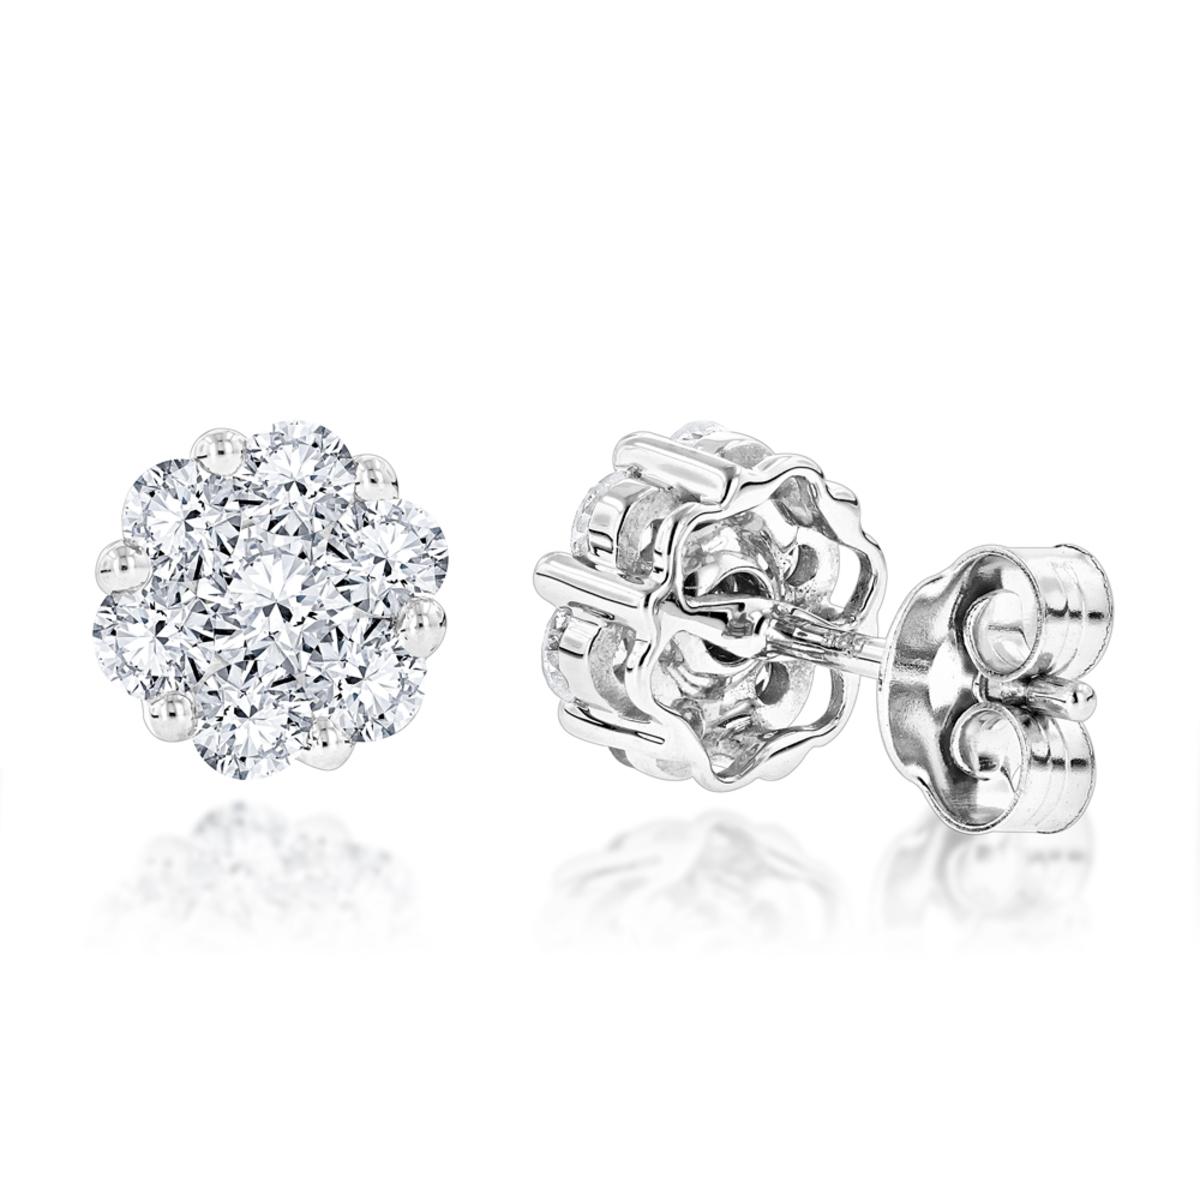 14K Gold 1 Carat Diamond Cluster Stud Earrings by Luxurman 2 Carat Look